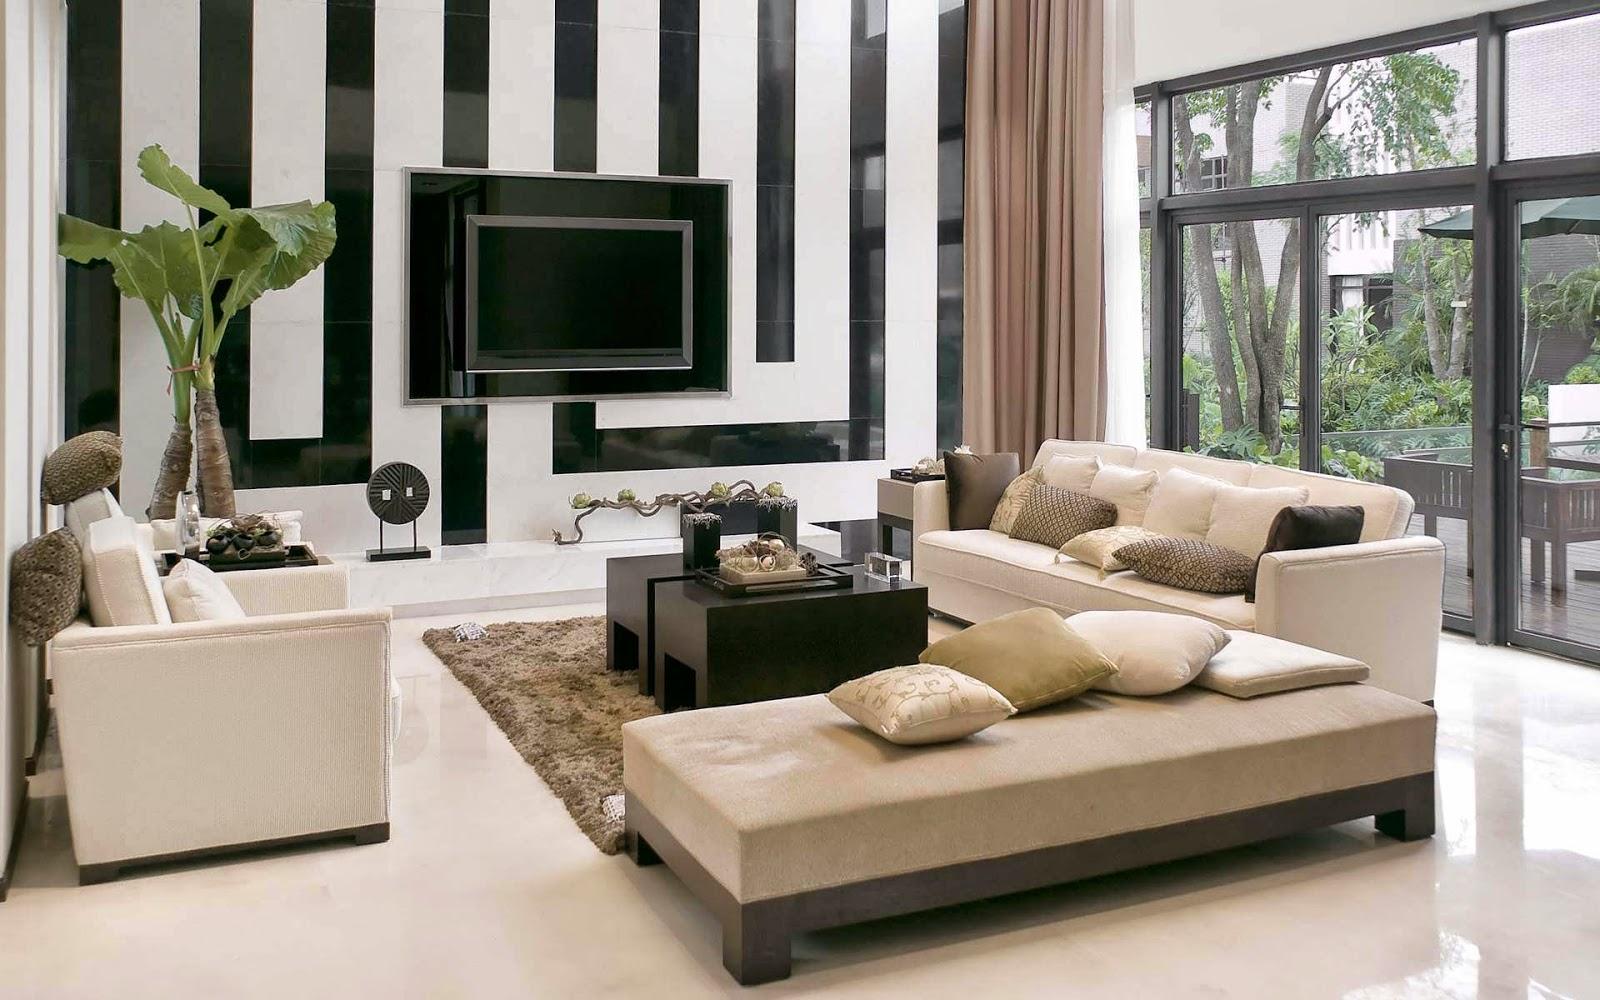 Modern Living Room Design Ideas 2014 modern living room design ideas 2014 ~ home design